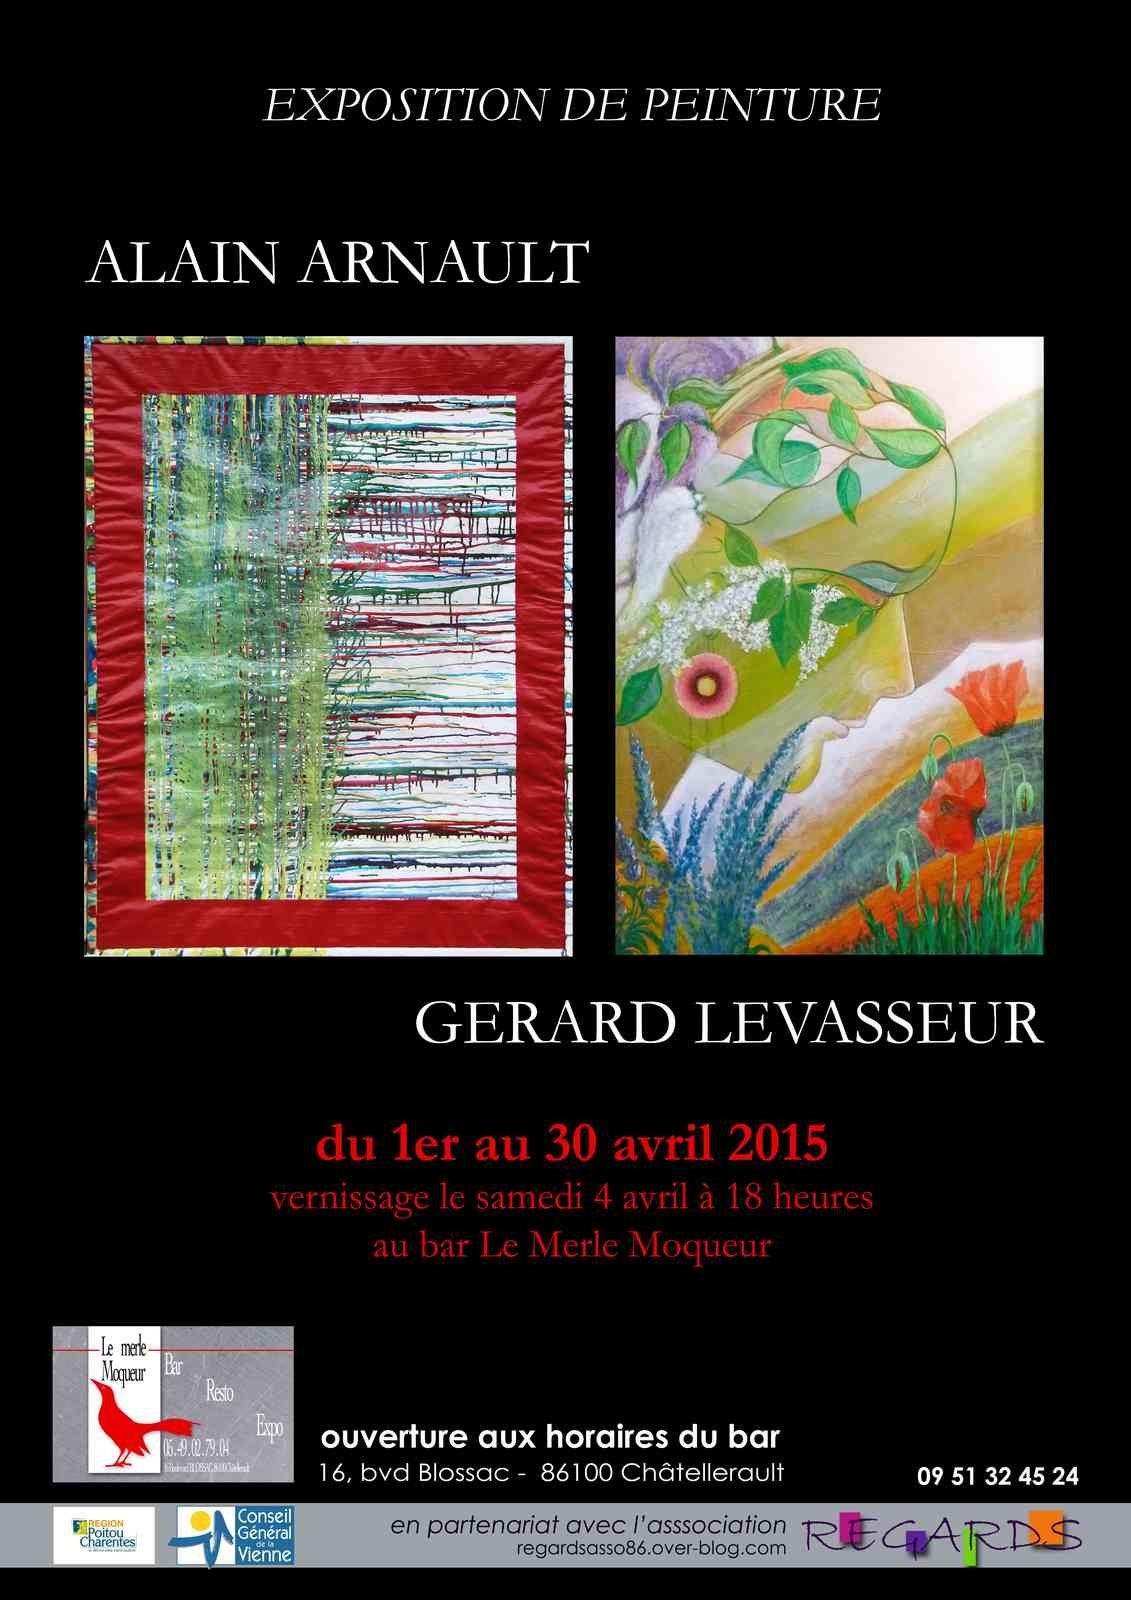 Exposition d'avril au Merle Moqueur